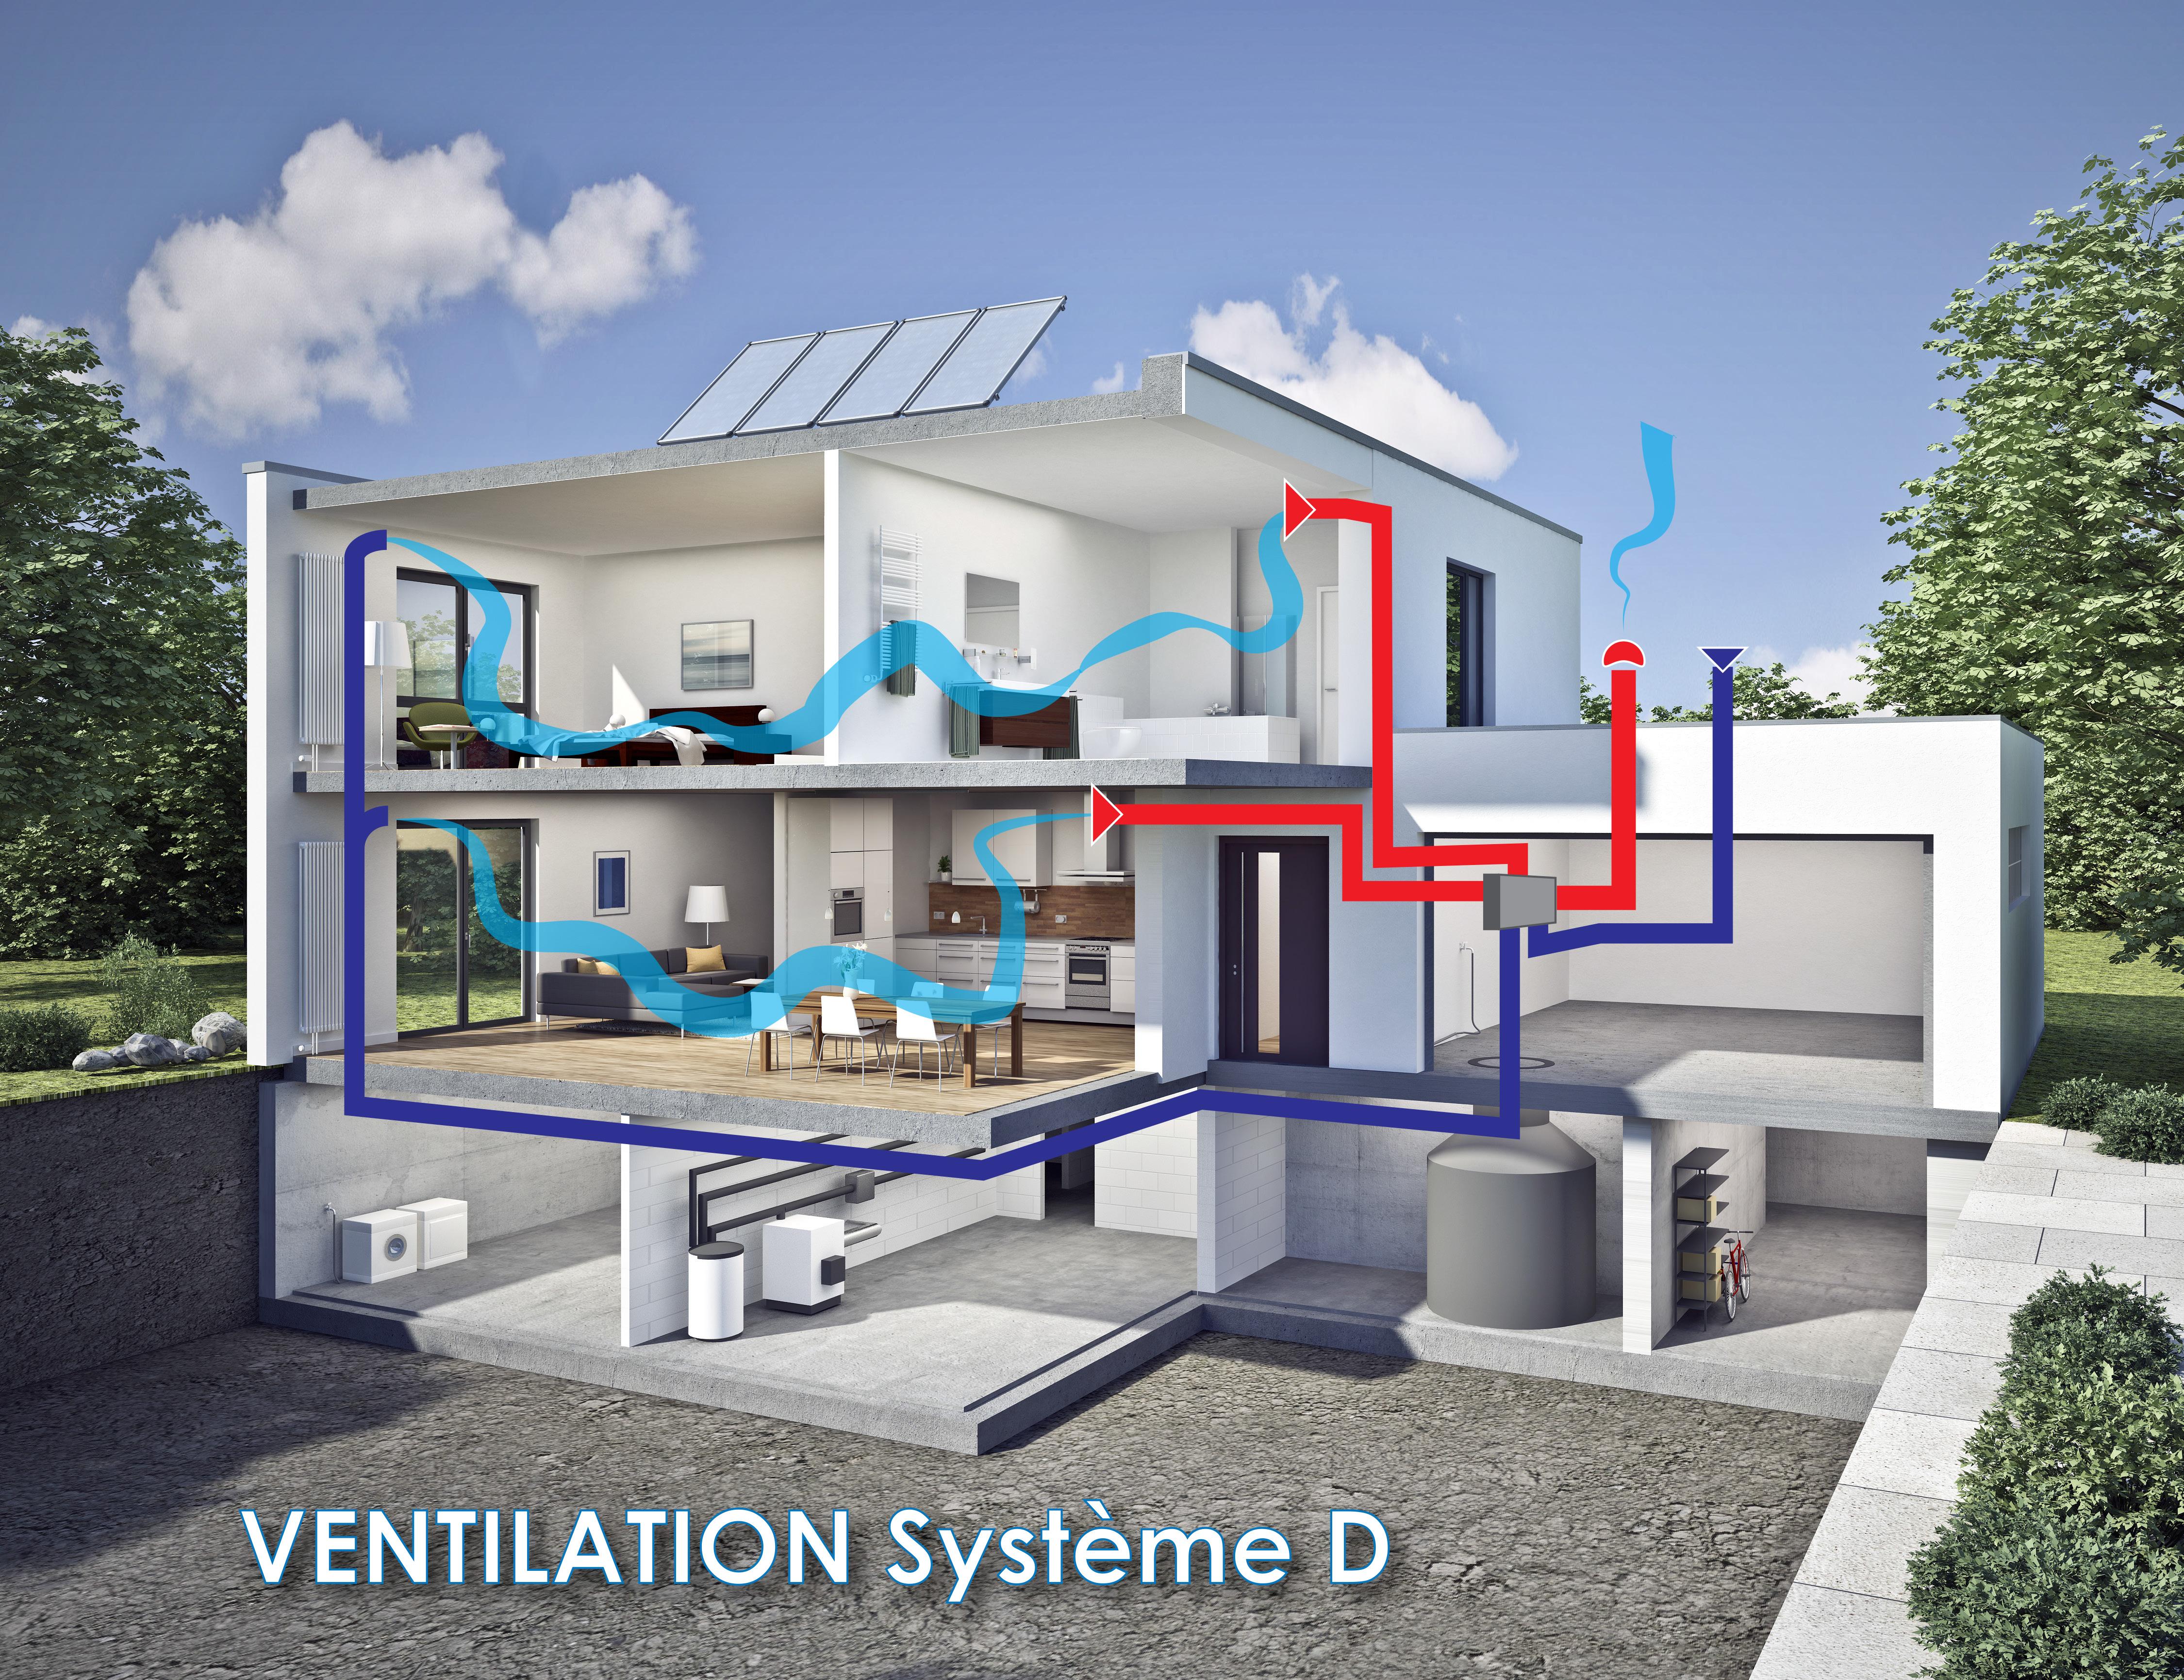 Comment Ventiler Un Garage Humide ventilation vmc double flux | traitez la condensation avec